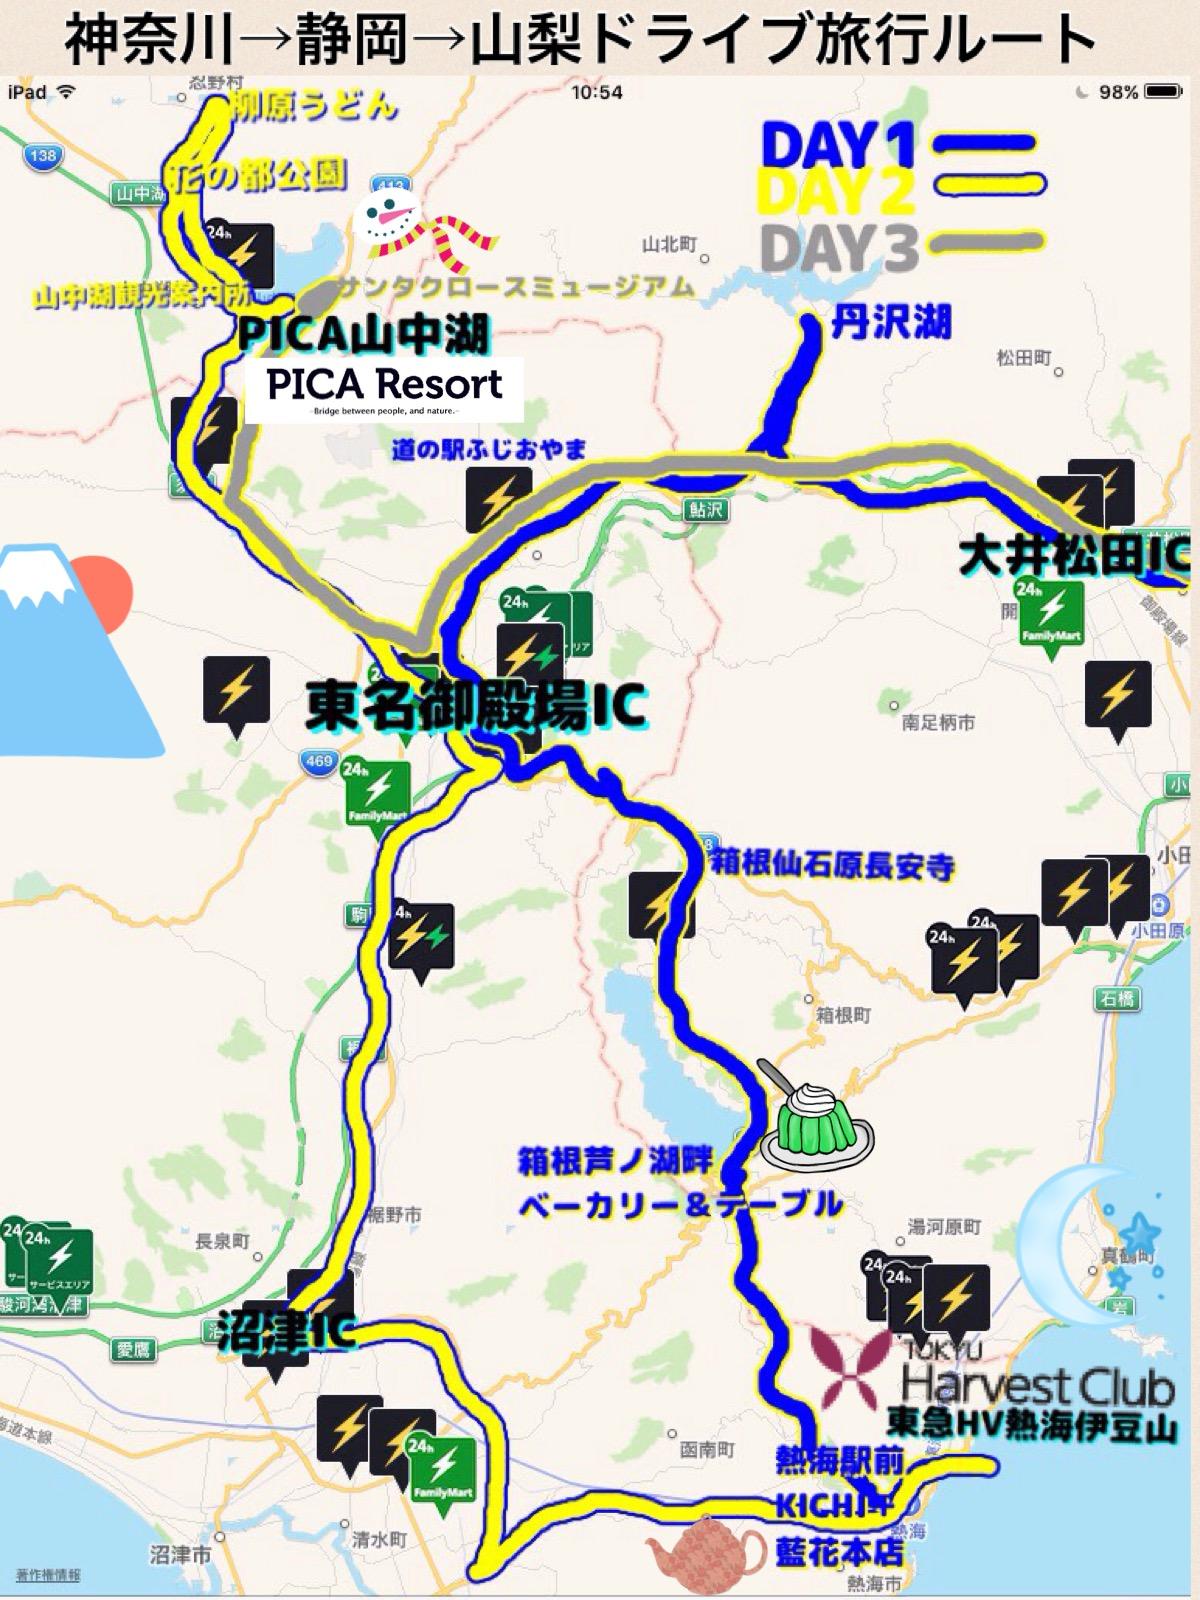 神奈川〜静岡〜山梨ドライブ旅行 BY アウトランダーPHEV